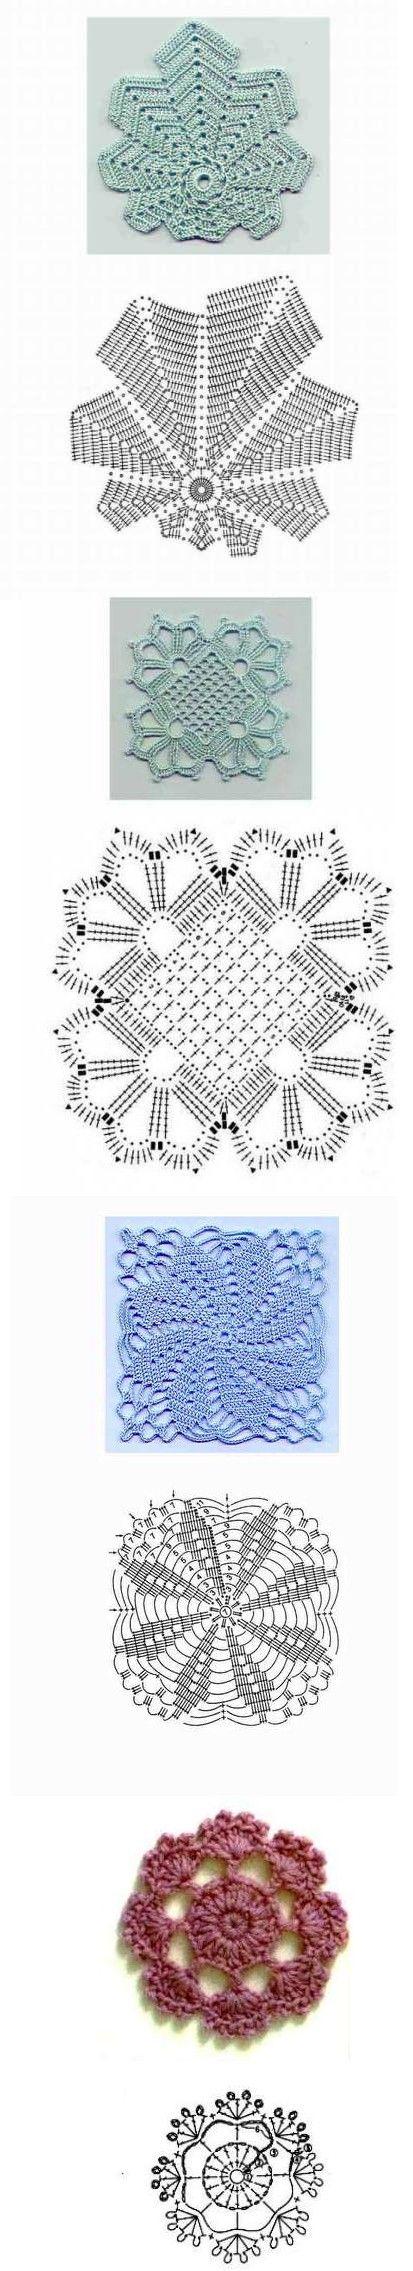 Favorite crochet motifs!